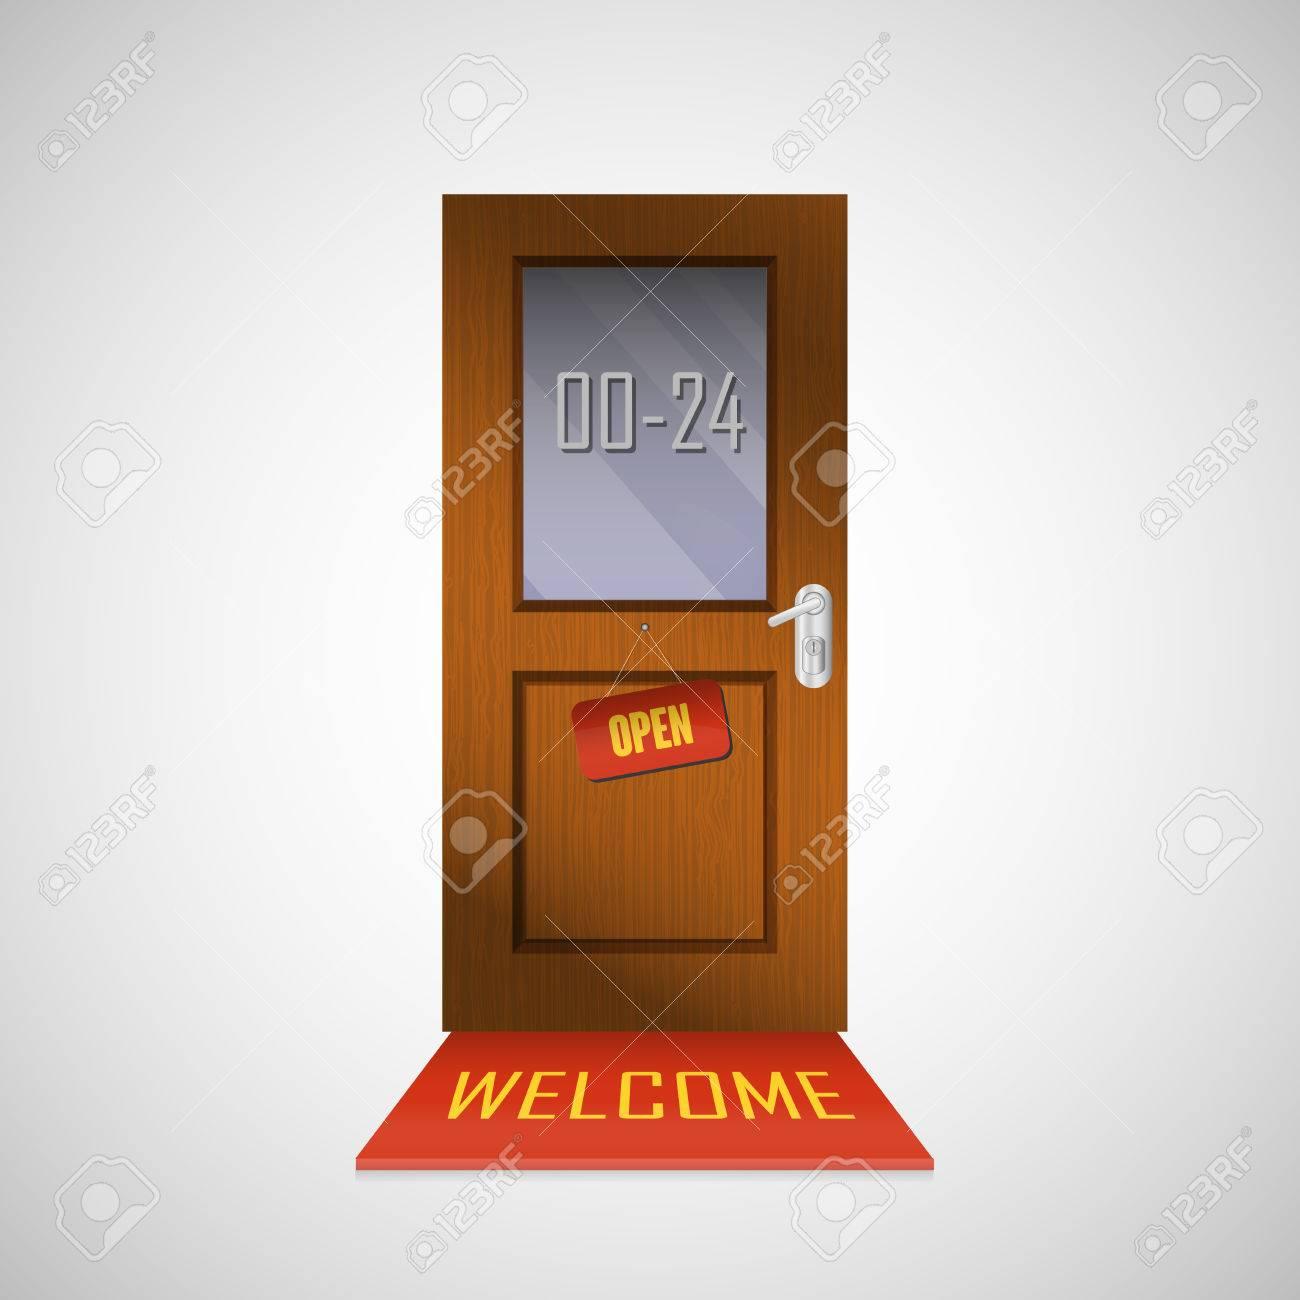 Open front door illustration Cartoon Front Door Is Open Around Clock With Sign Stock Vector 33911393 123rfcom Front Door Is Open Around Clock With Sign Royalty Free Cliparts